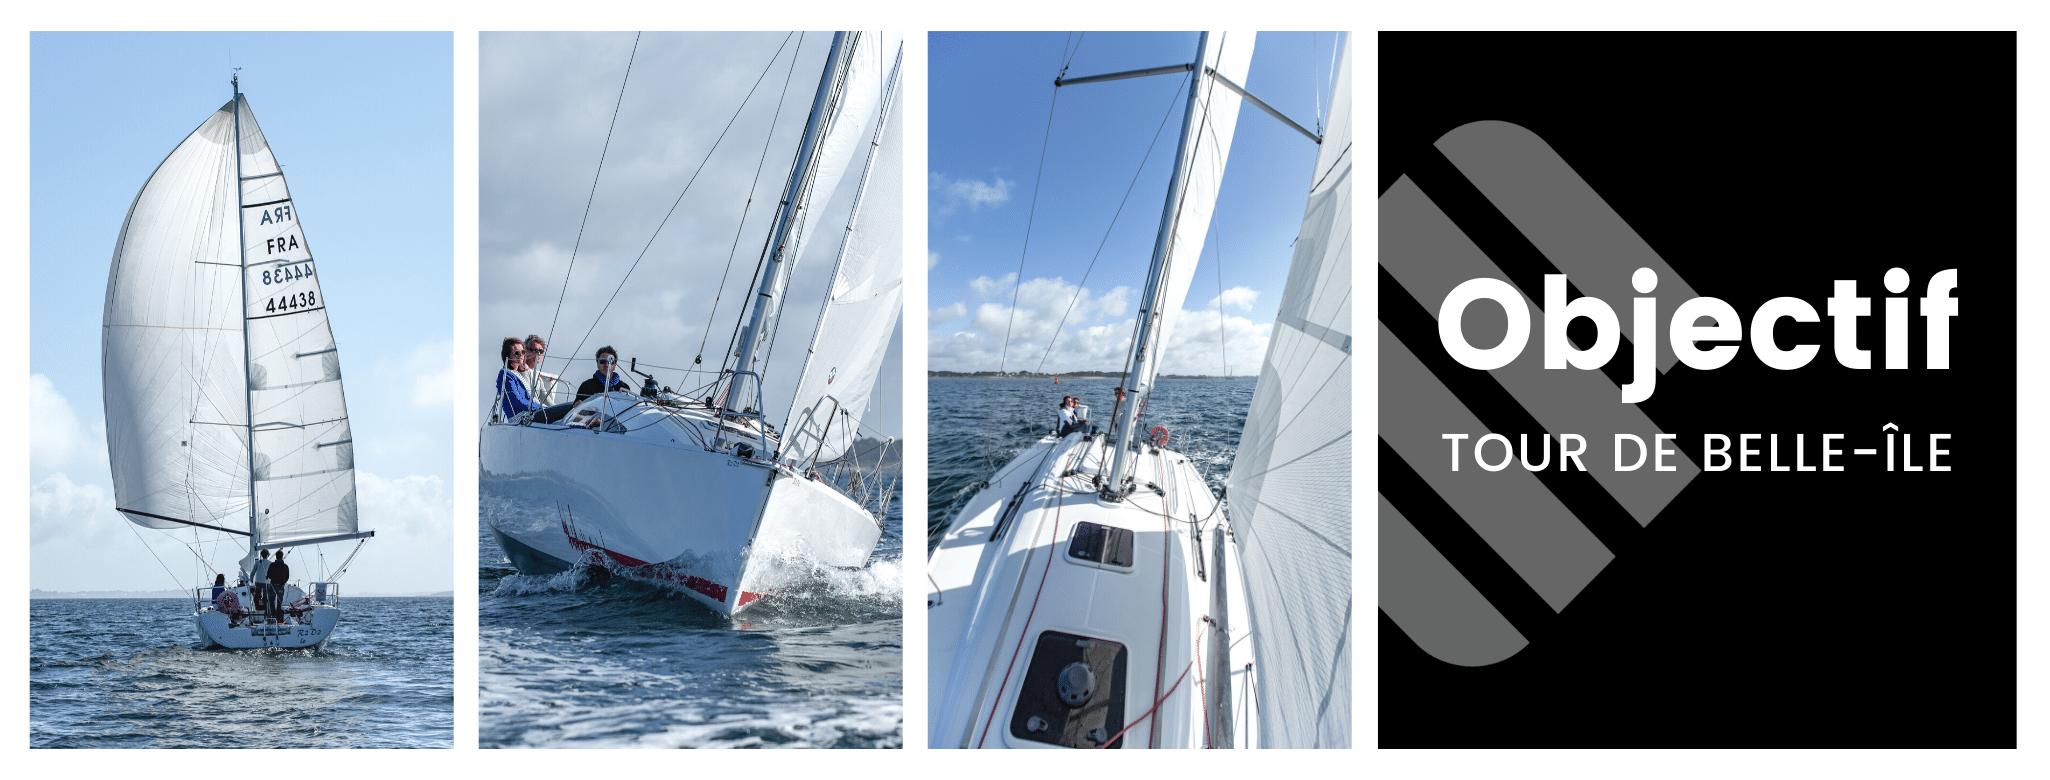 Objectif tour de belle île en mer avec SailEazy - Objectif : Tour de Belle-Île COMPLET